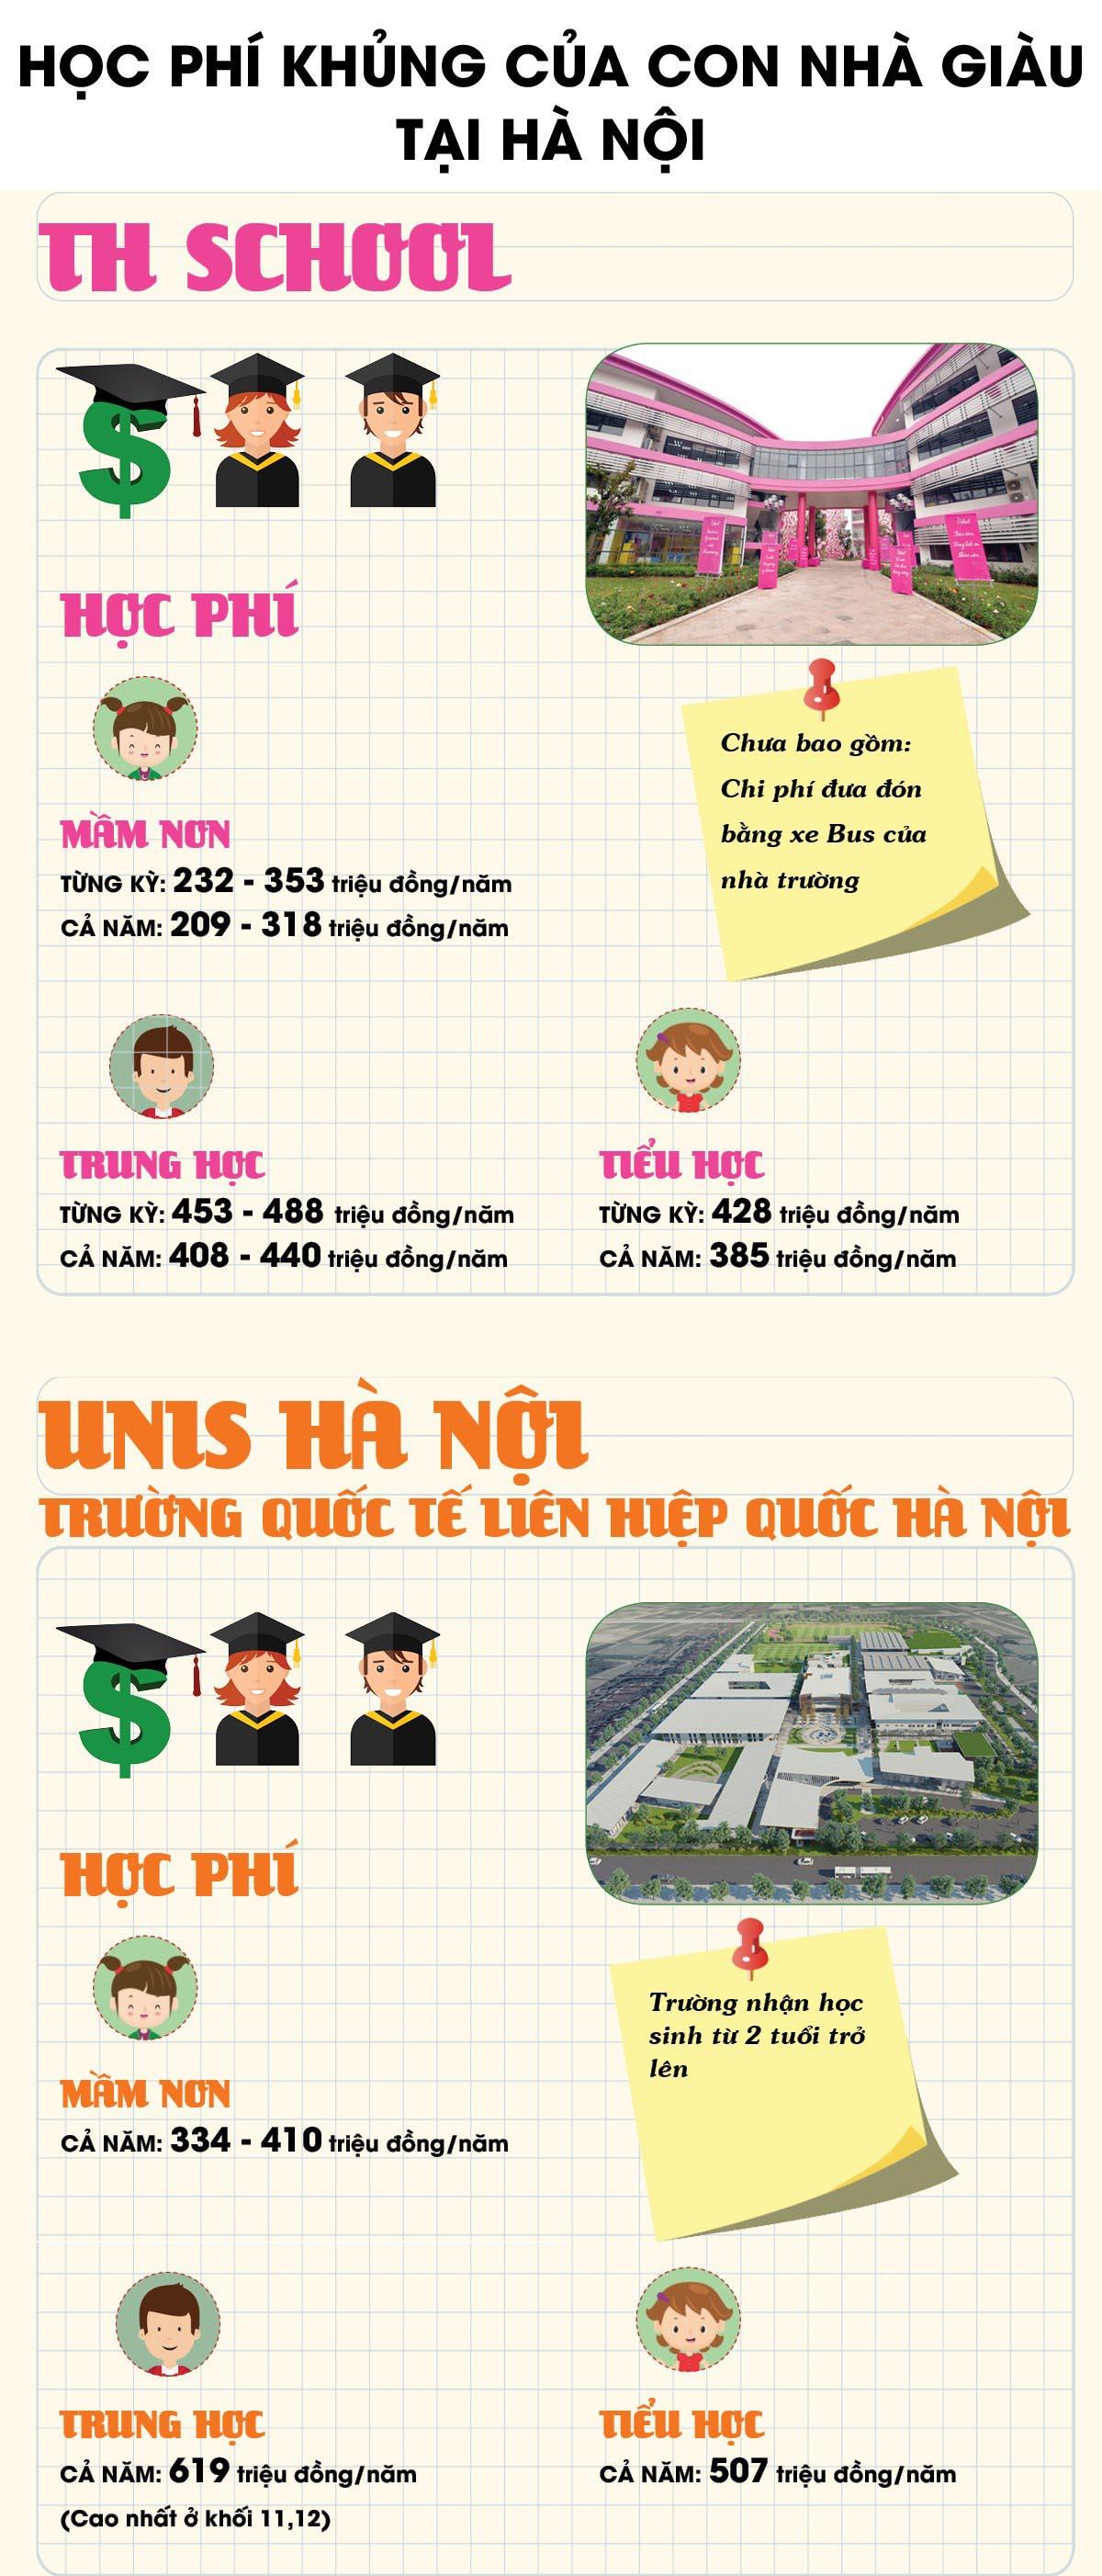 Học phí 'khủng' ở trường của con nhà giàu Hà Nội - 1